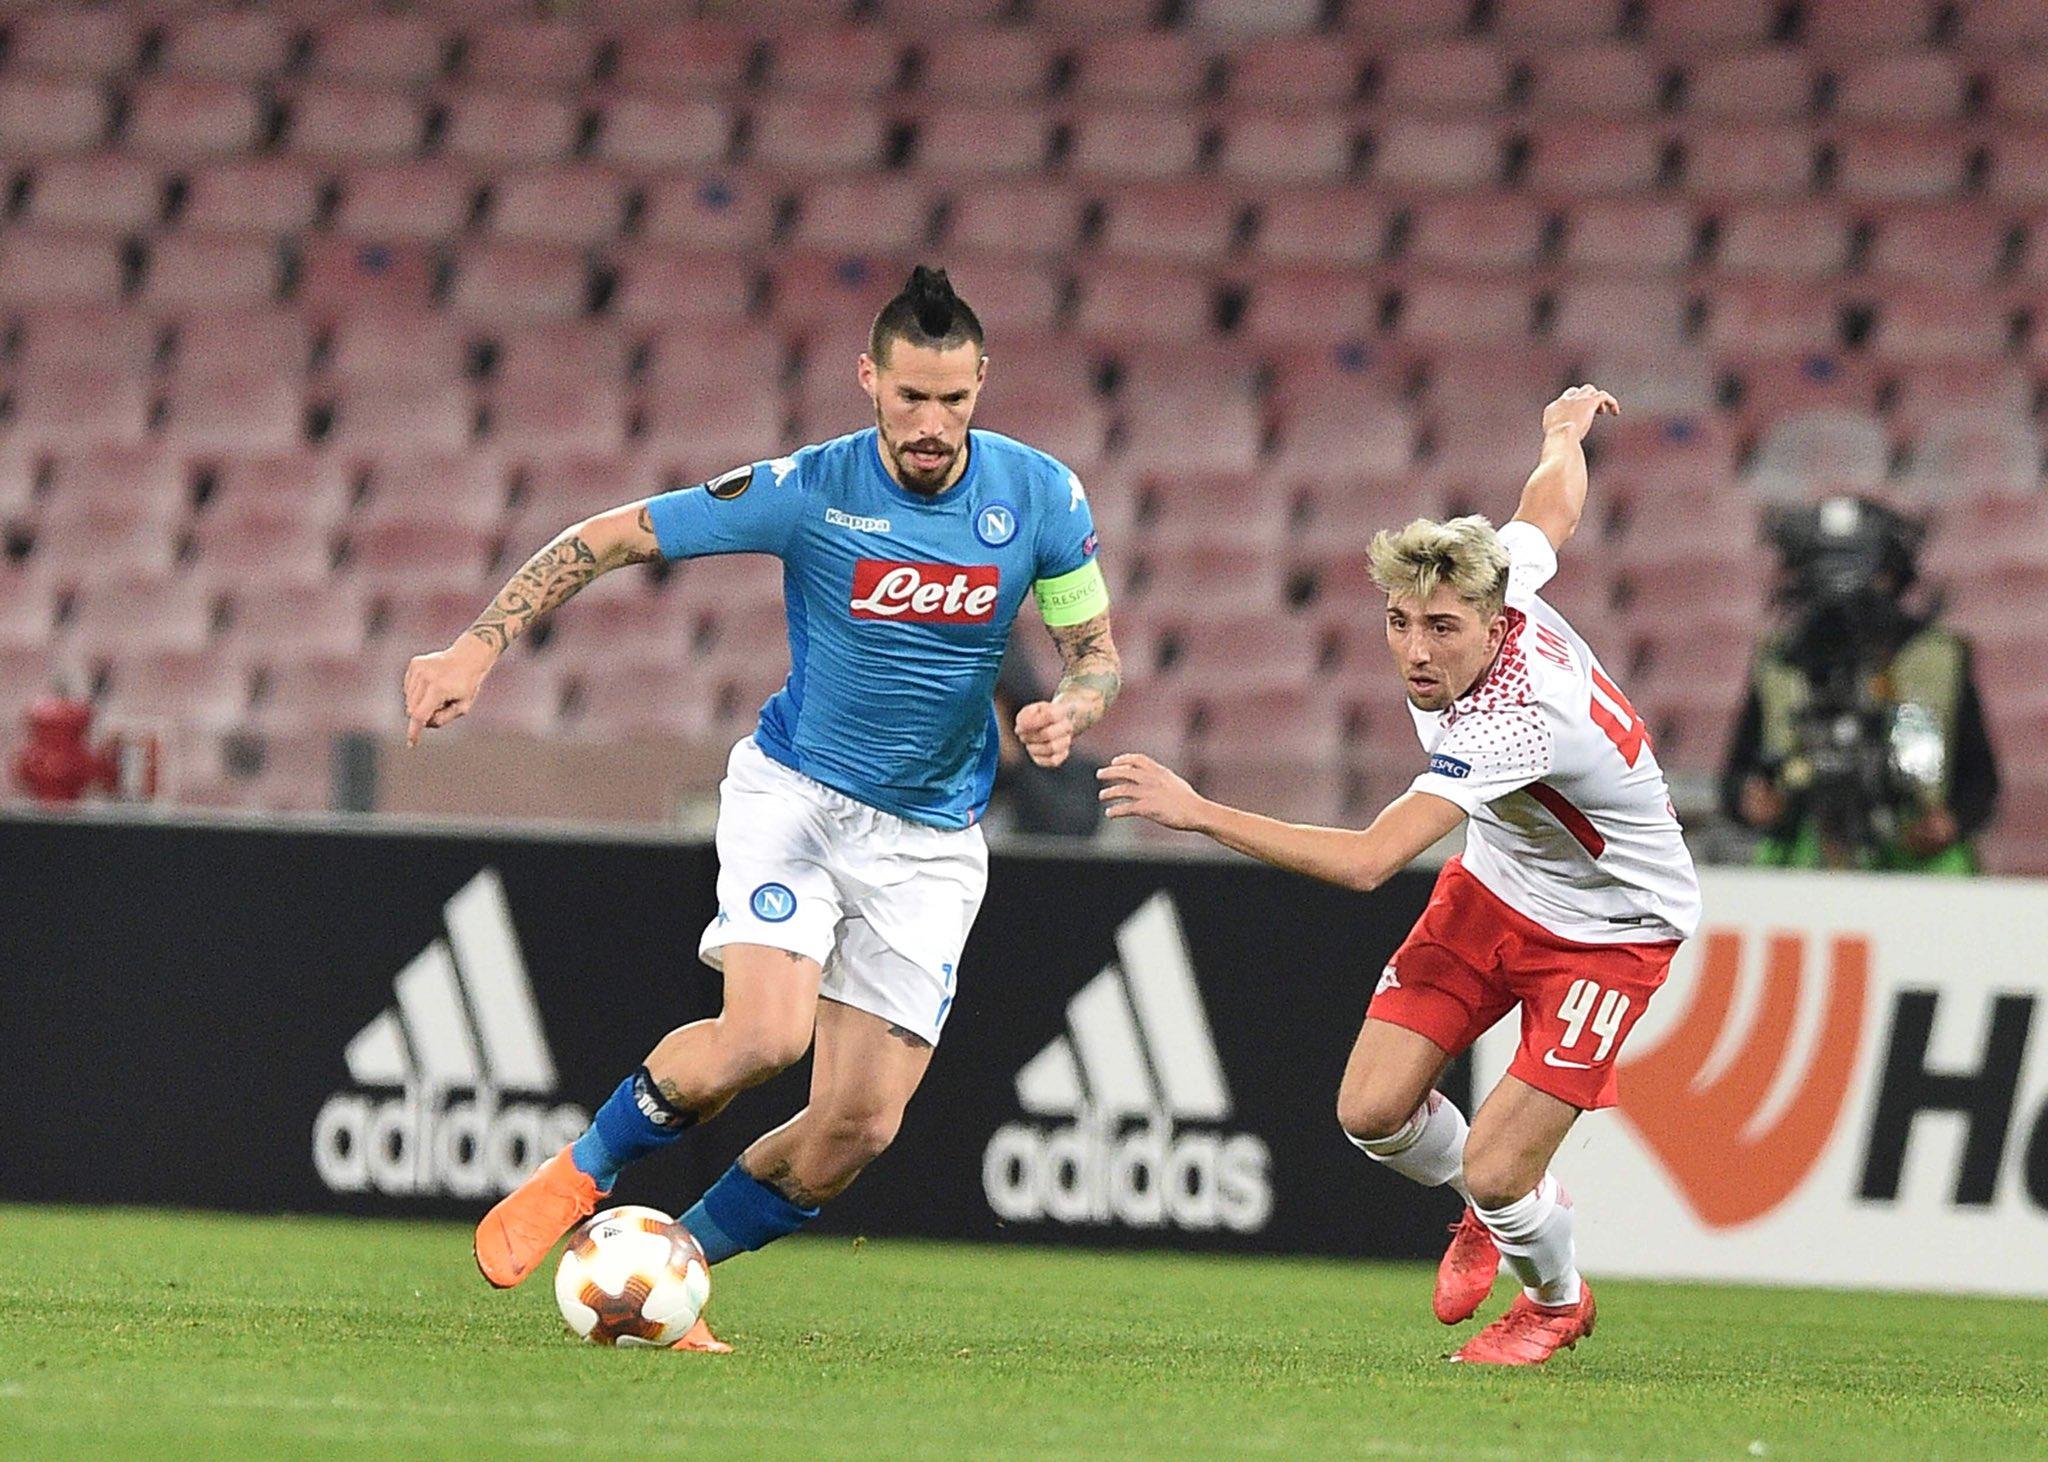 Il Napoli, le polemiche e l'Europa League sempre snobbata. Da tutti